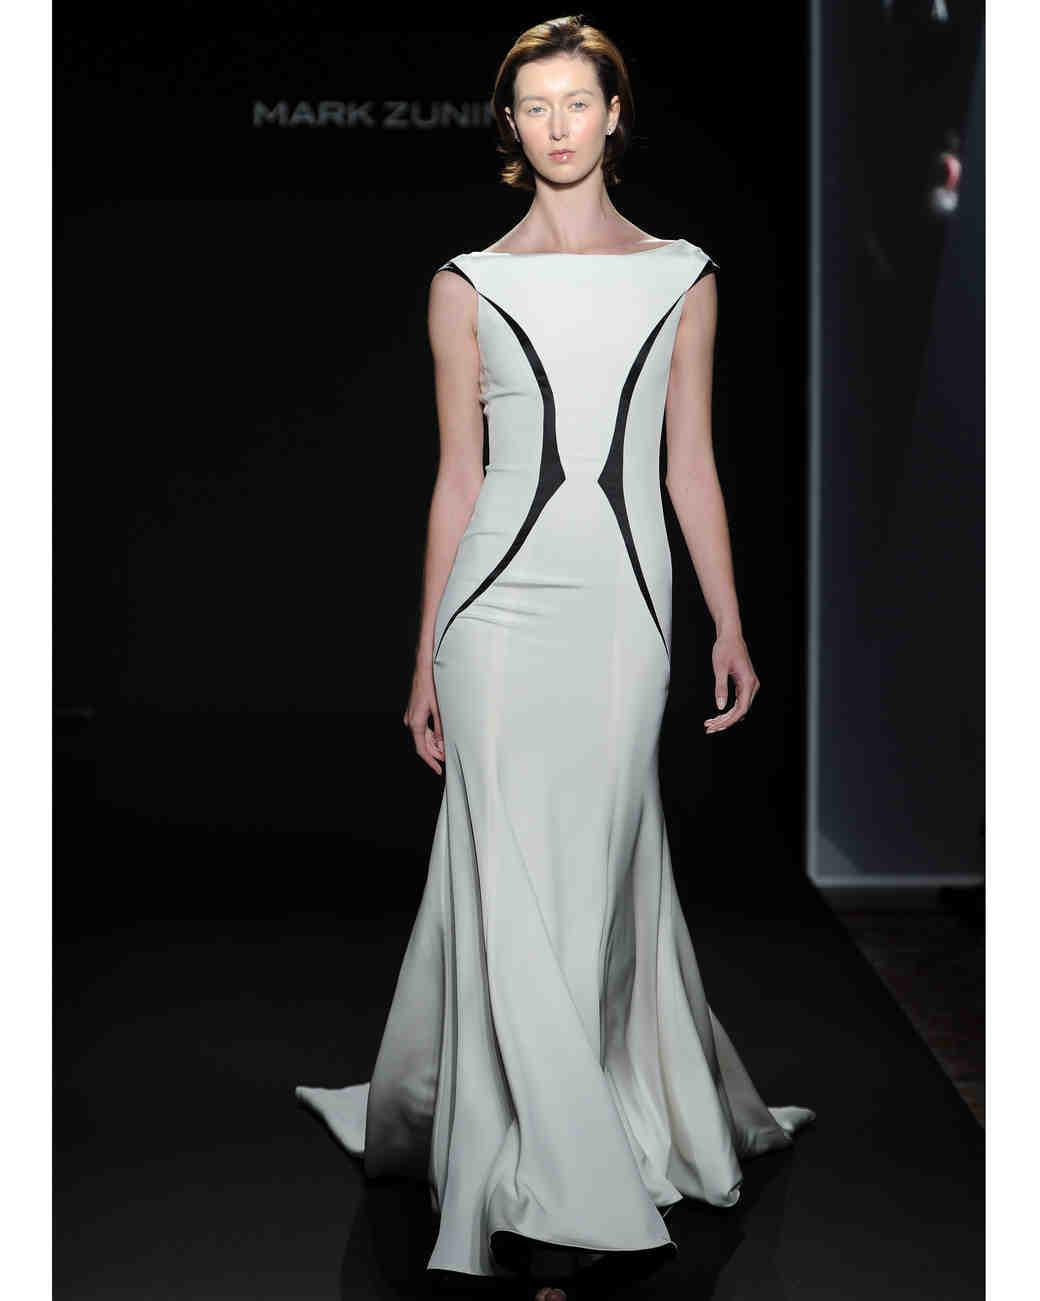 trends-black-white-mark-zunino-fall2016-d112626-019-1015.jpg